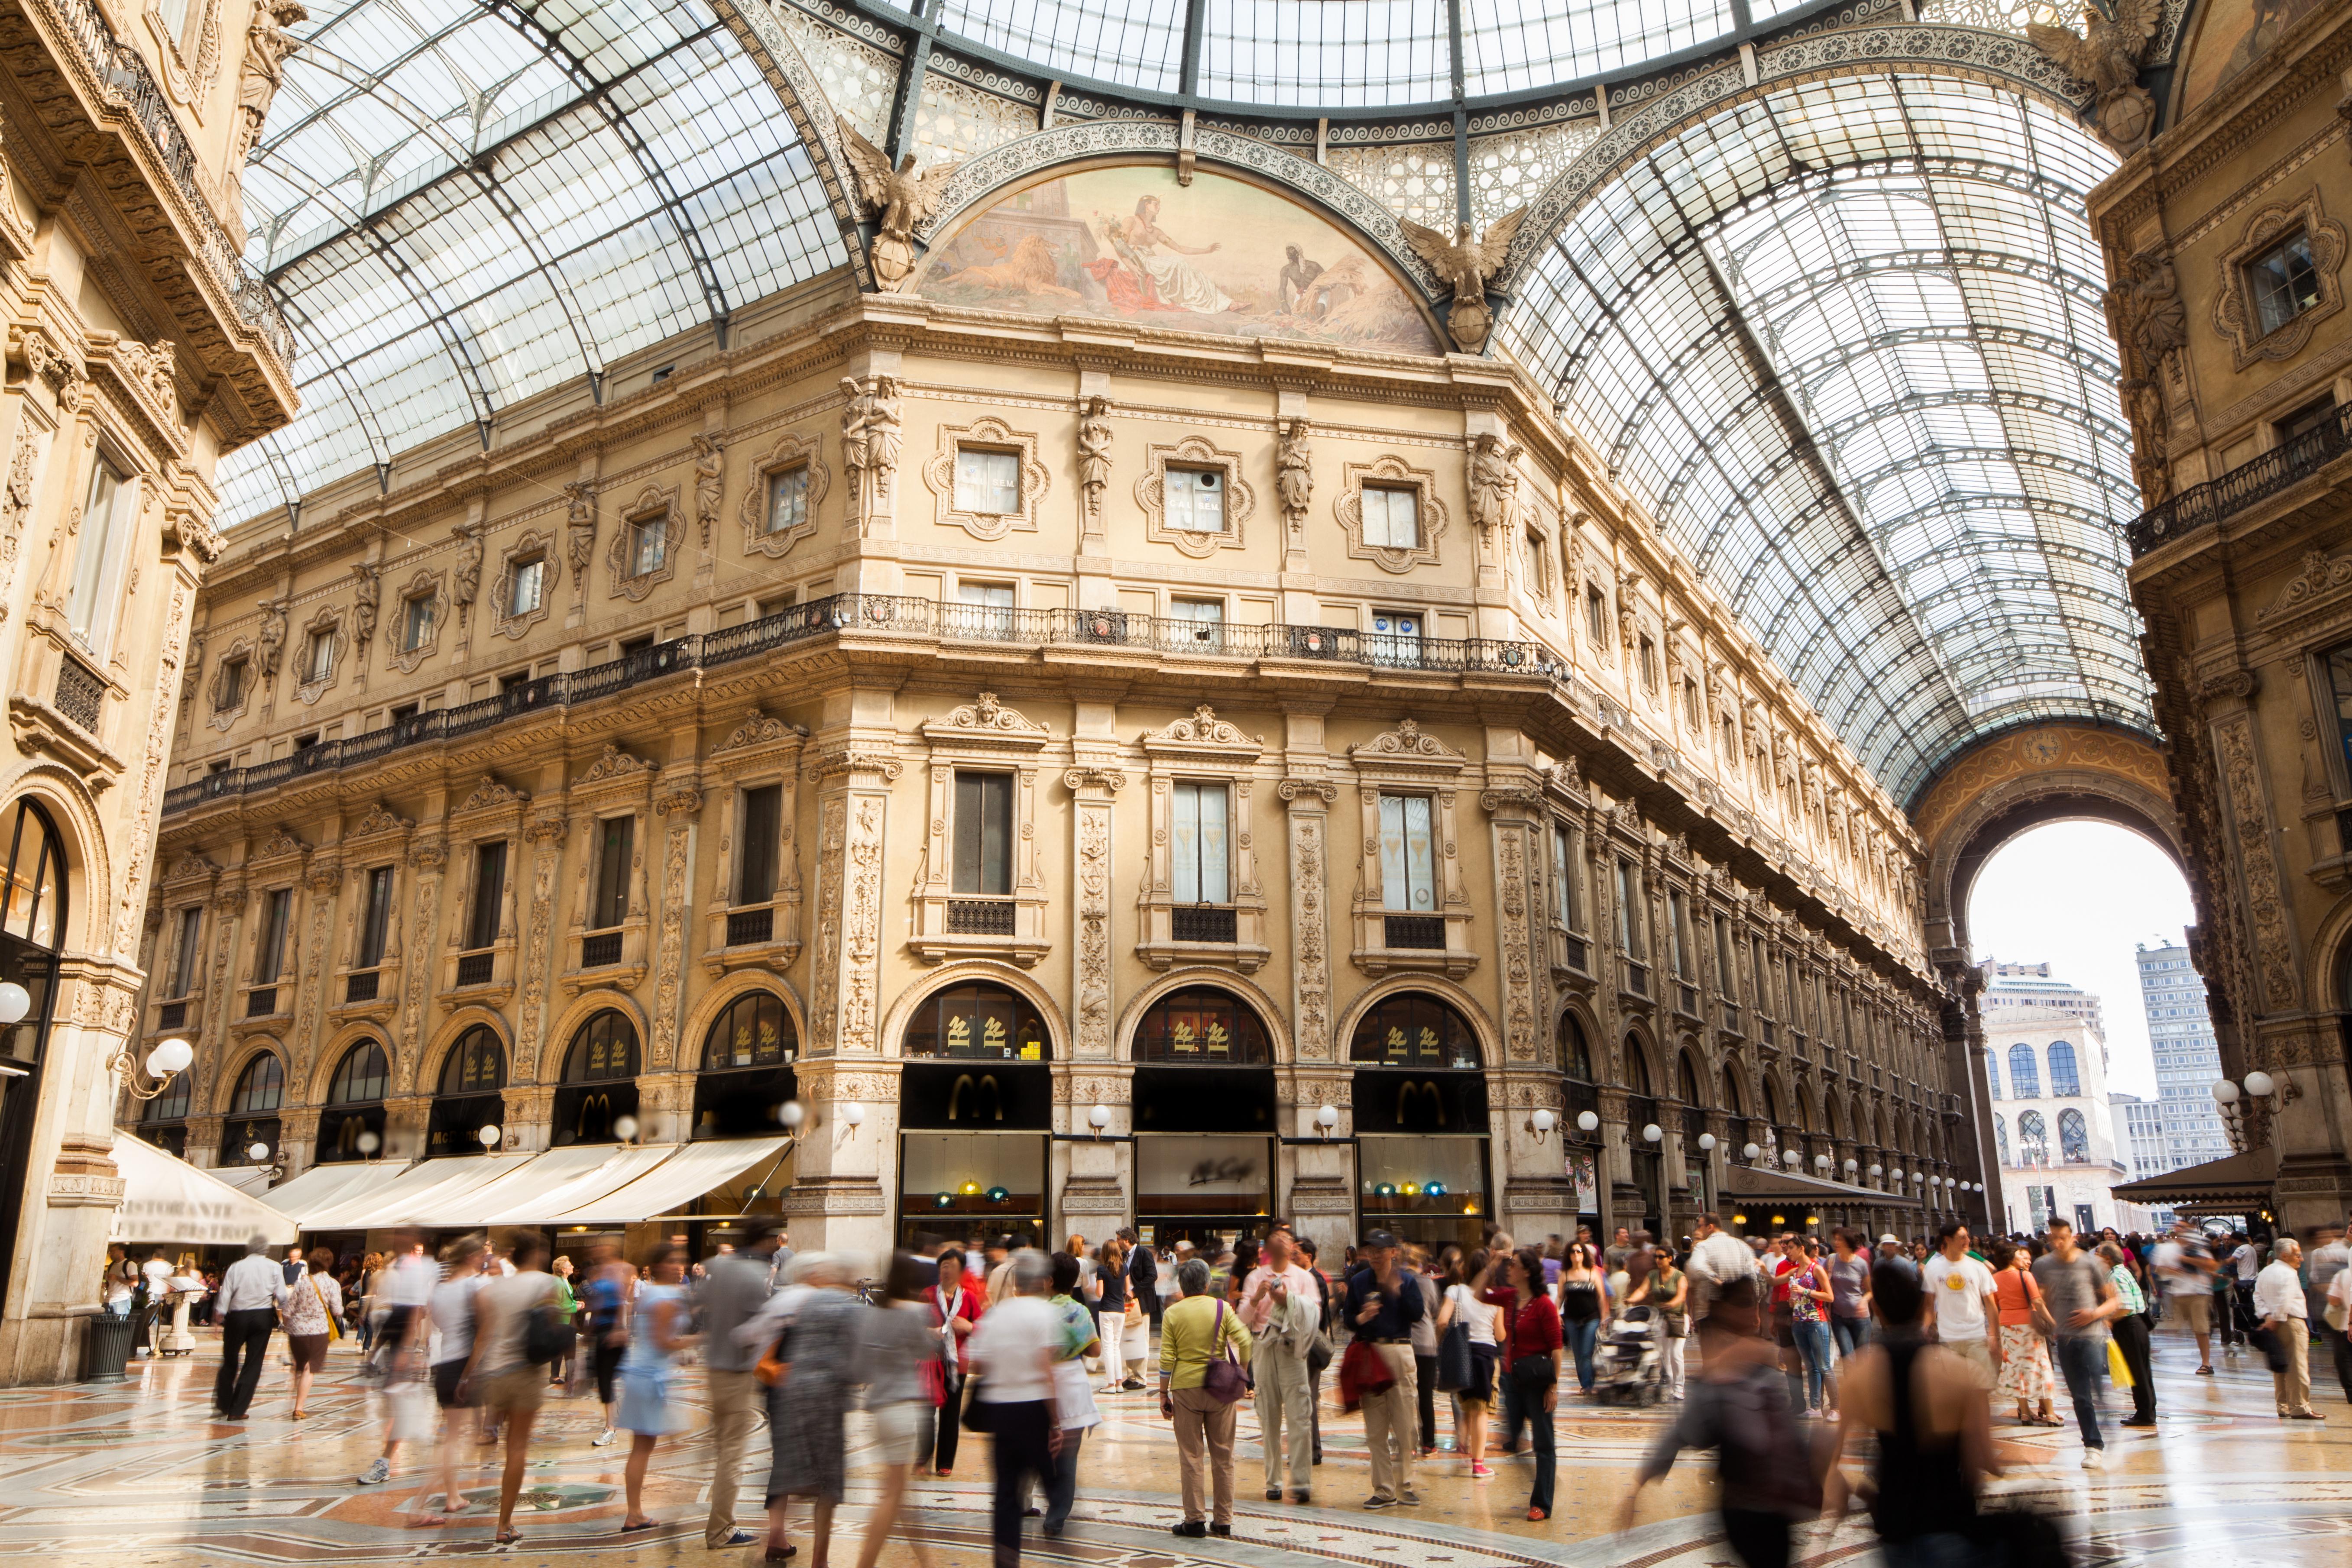 """Milano je centar mode: Šoping mol galerija """"Vittorio Emanuele 2"""" (foto: Shutterstock)"""